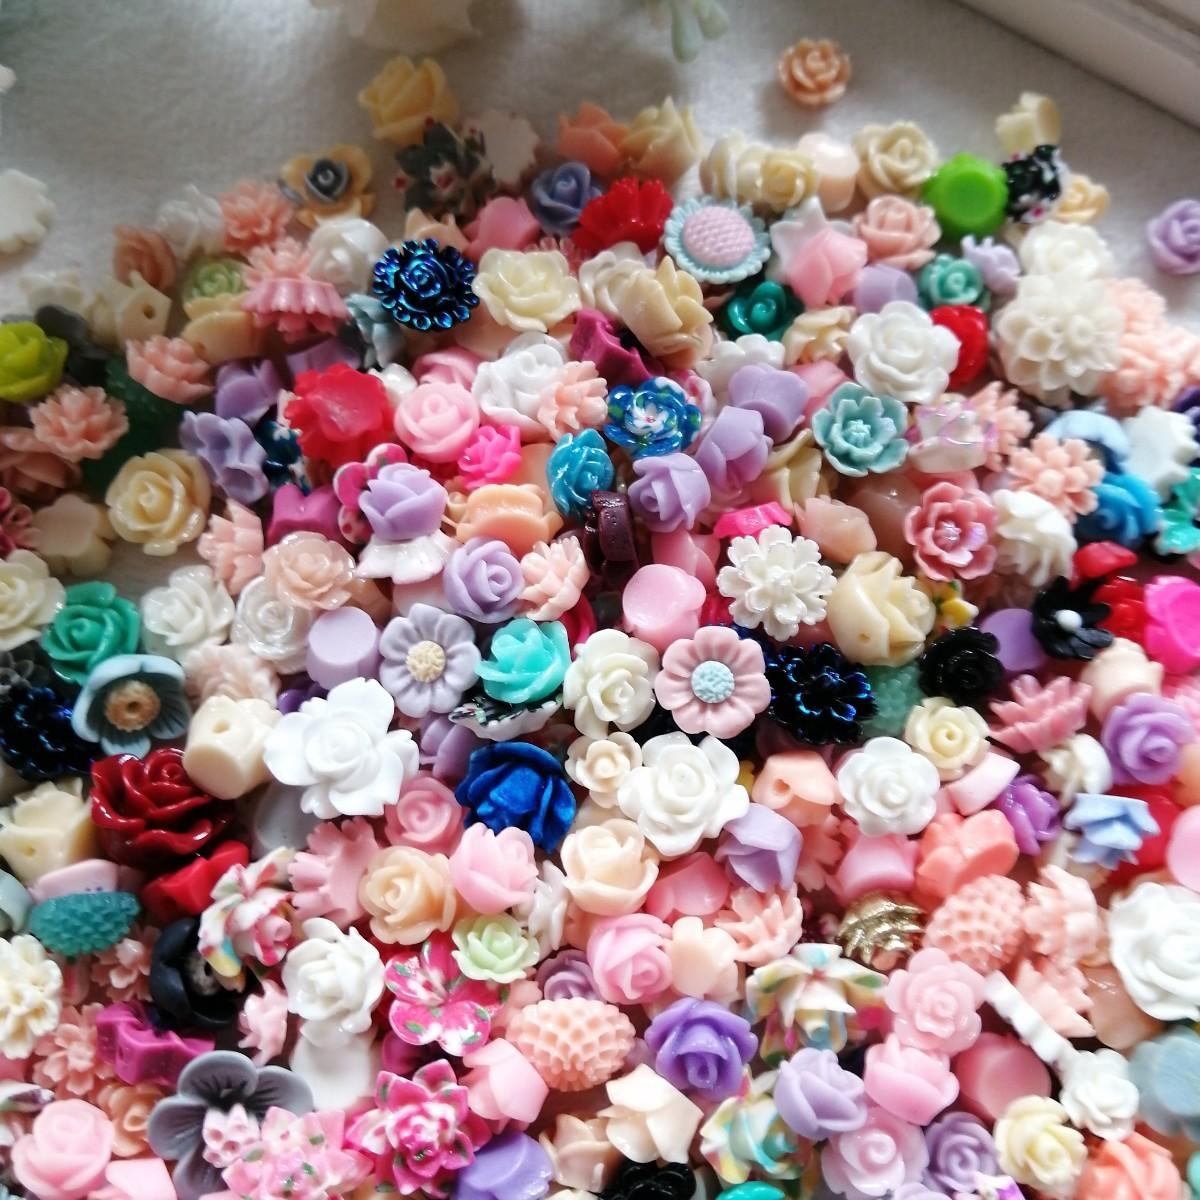 デコパーツ プラパーツ ハンドメイド  材料 手作り パーツ バラ 薔薇 30